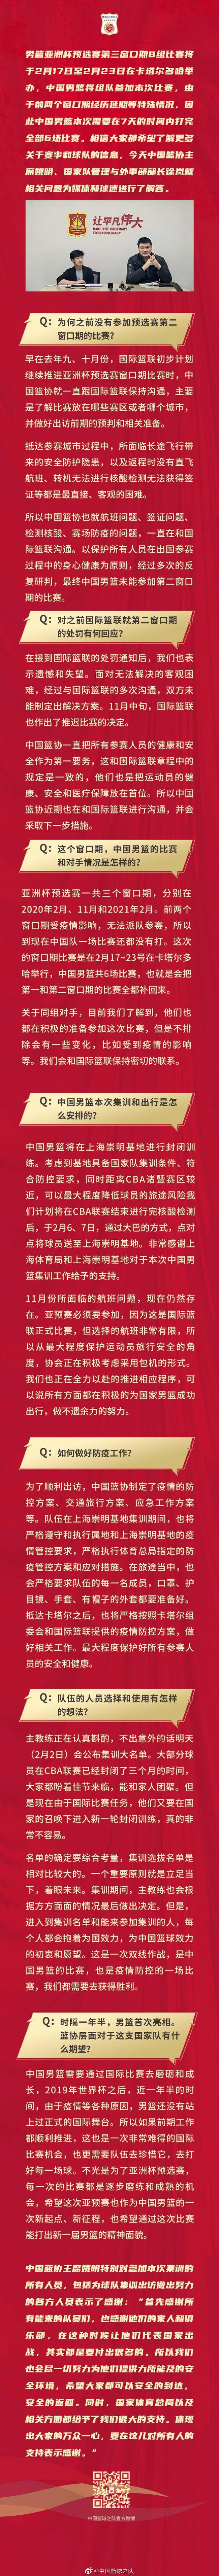 【博狗扑克】官宣:男篮将前往多哈参加亚预赛 姚明感谢球员